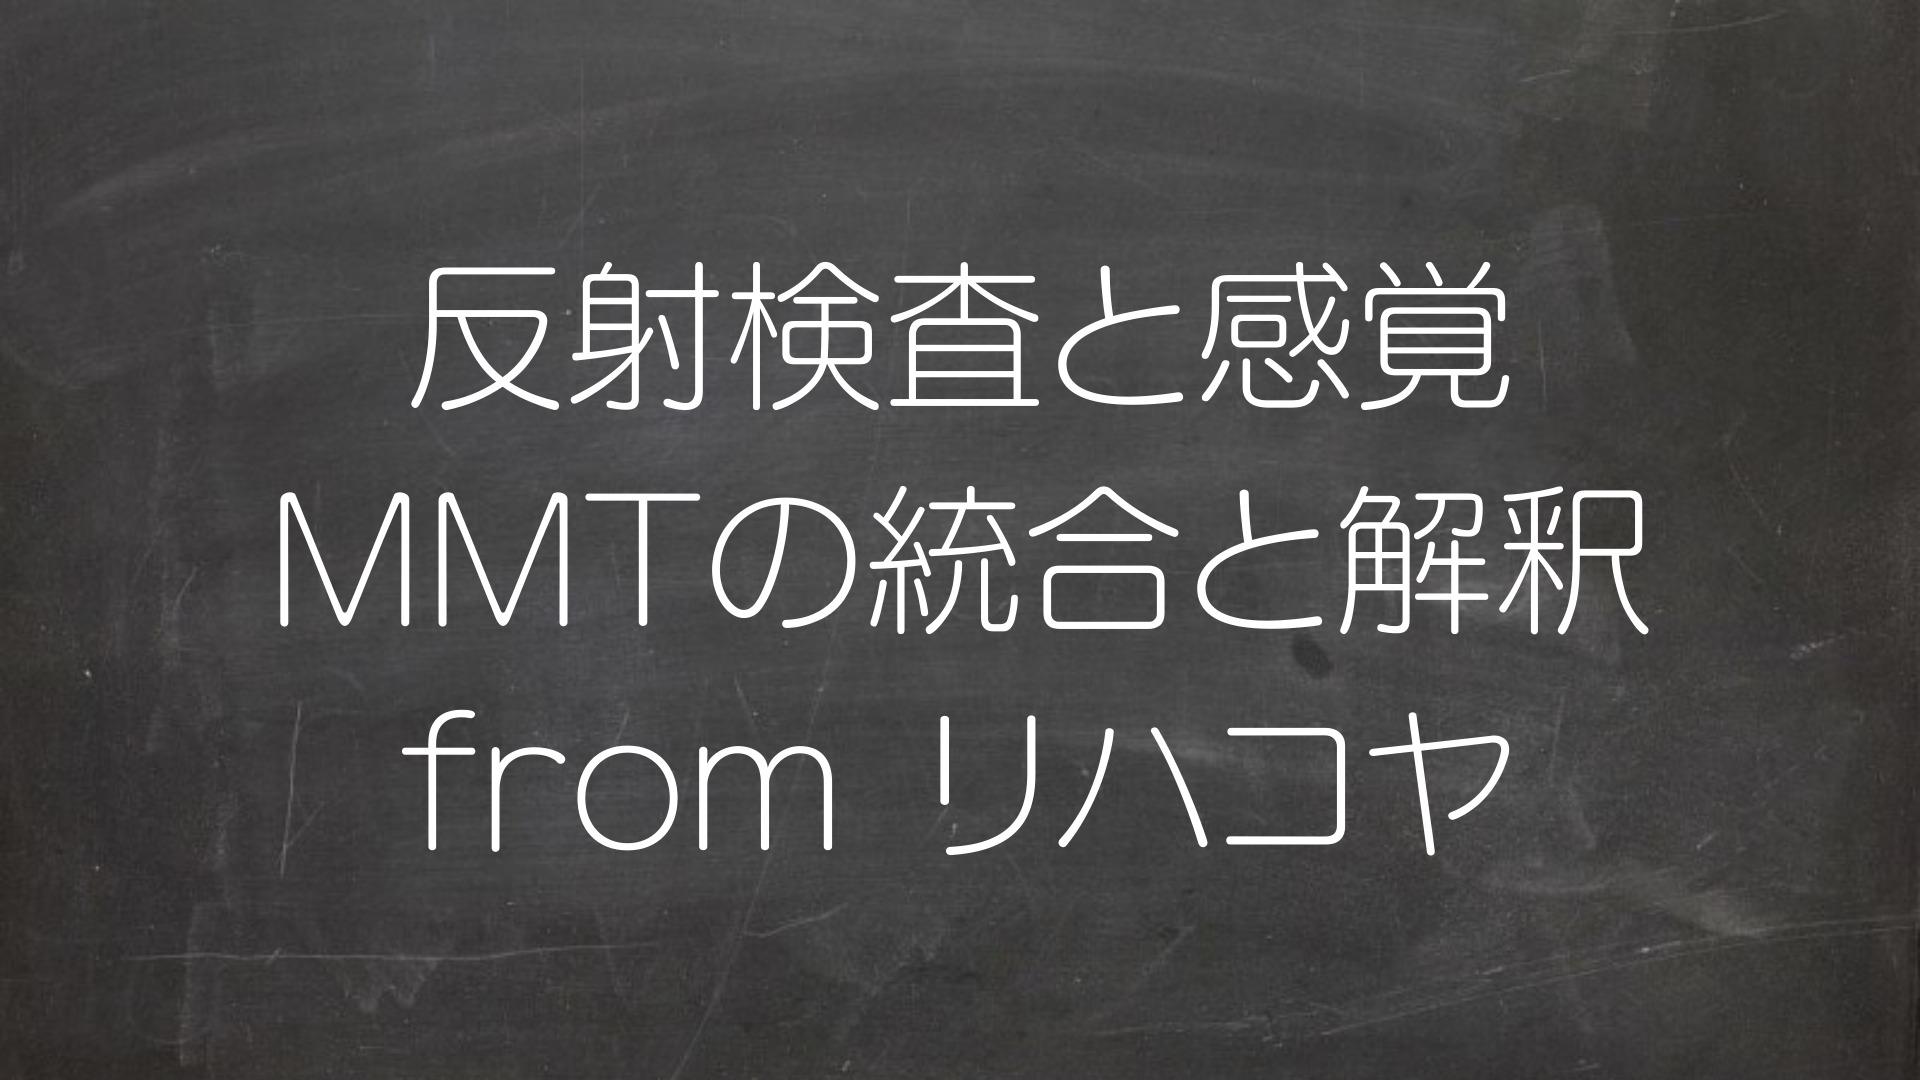 反射検査と感覚・MMTの統合と解釈について from リハコヤ